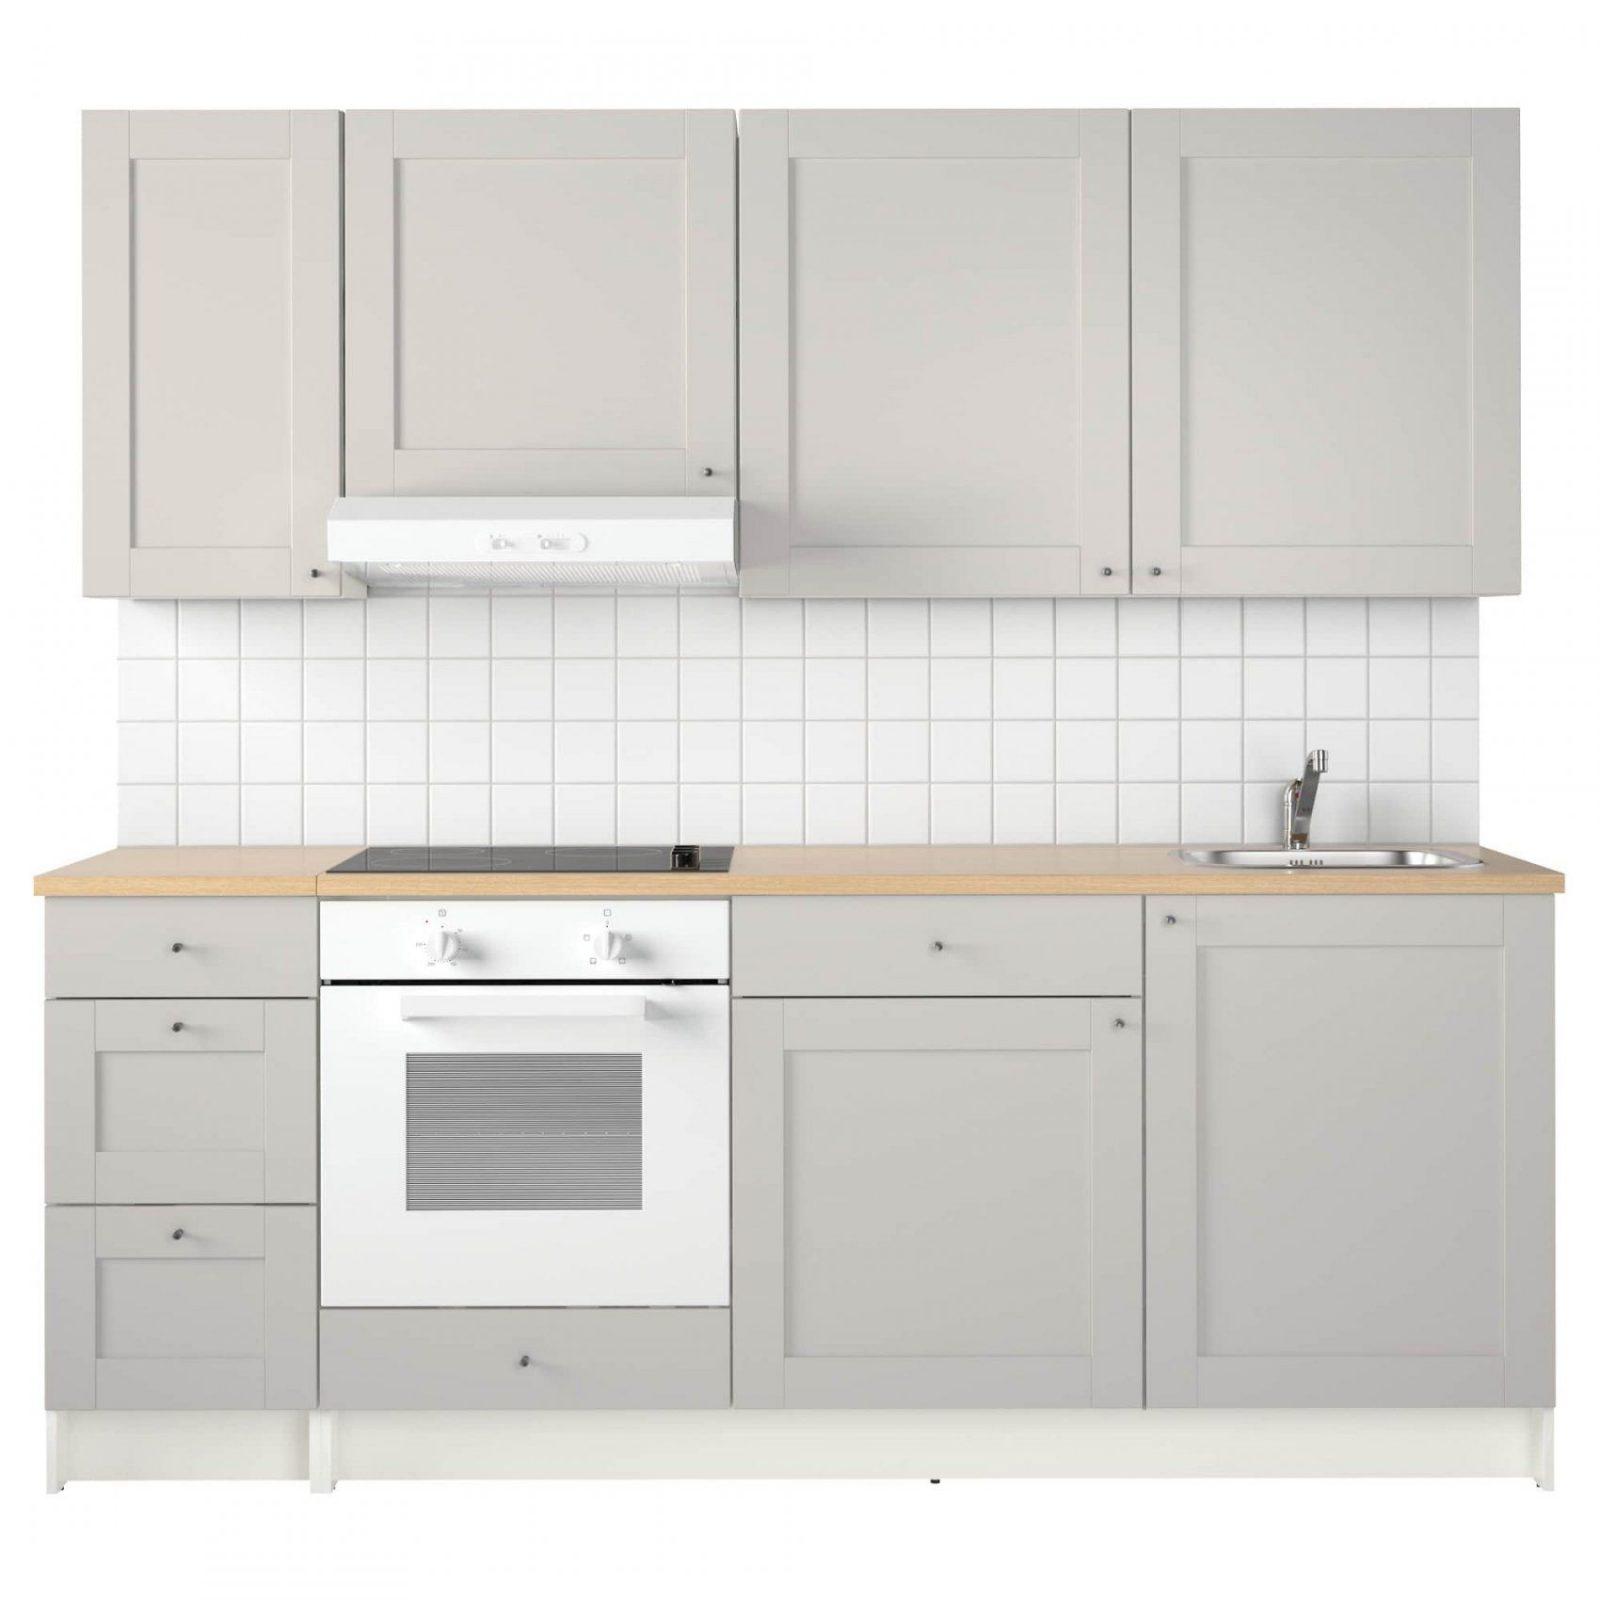 Full Size of Ikea Grundriss Esstisch Rund Ausziehbar Modern Haus Design Ideen Modulküche Miniküche Küche Kosten Stehhilfe Kaufen Betten Bei Sofa Mit Schlaffunktion Wohnzimmer Stehhilfe Ikea